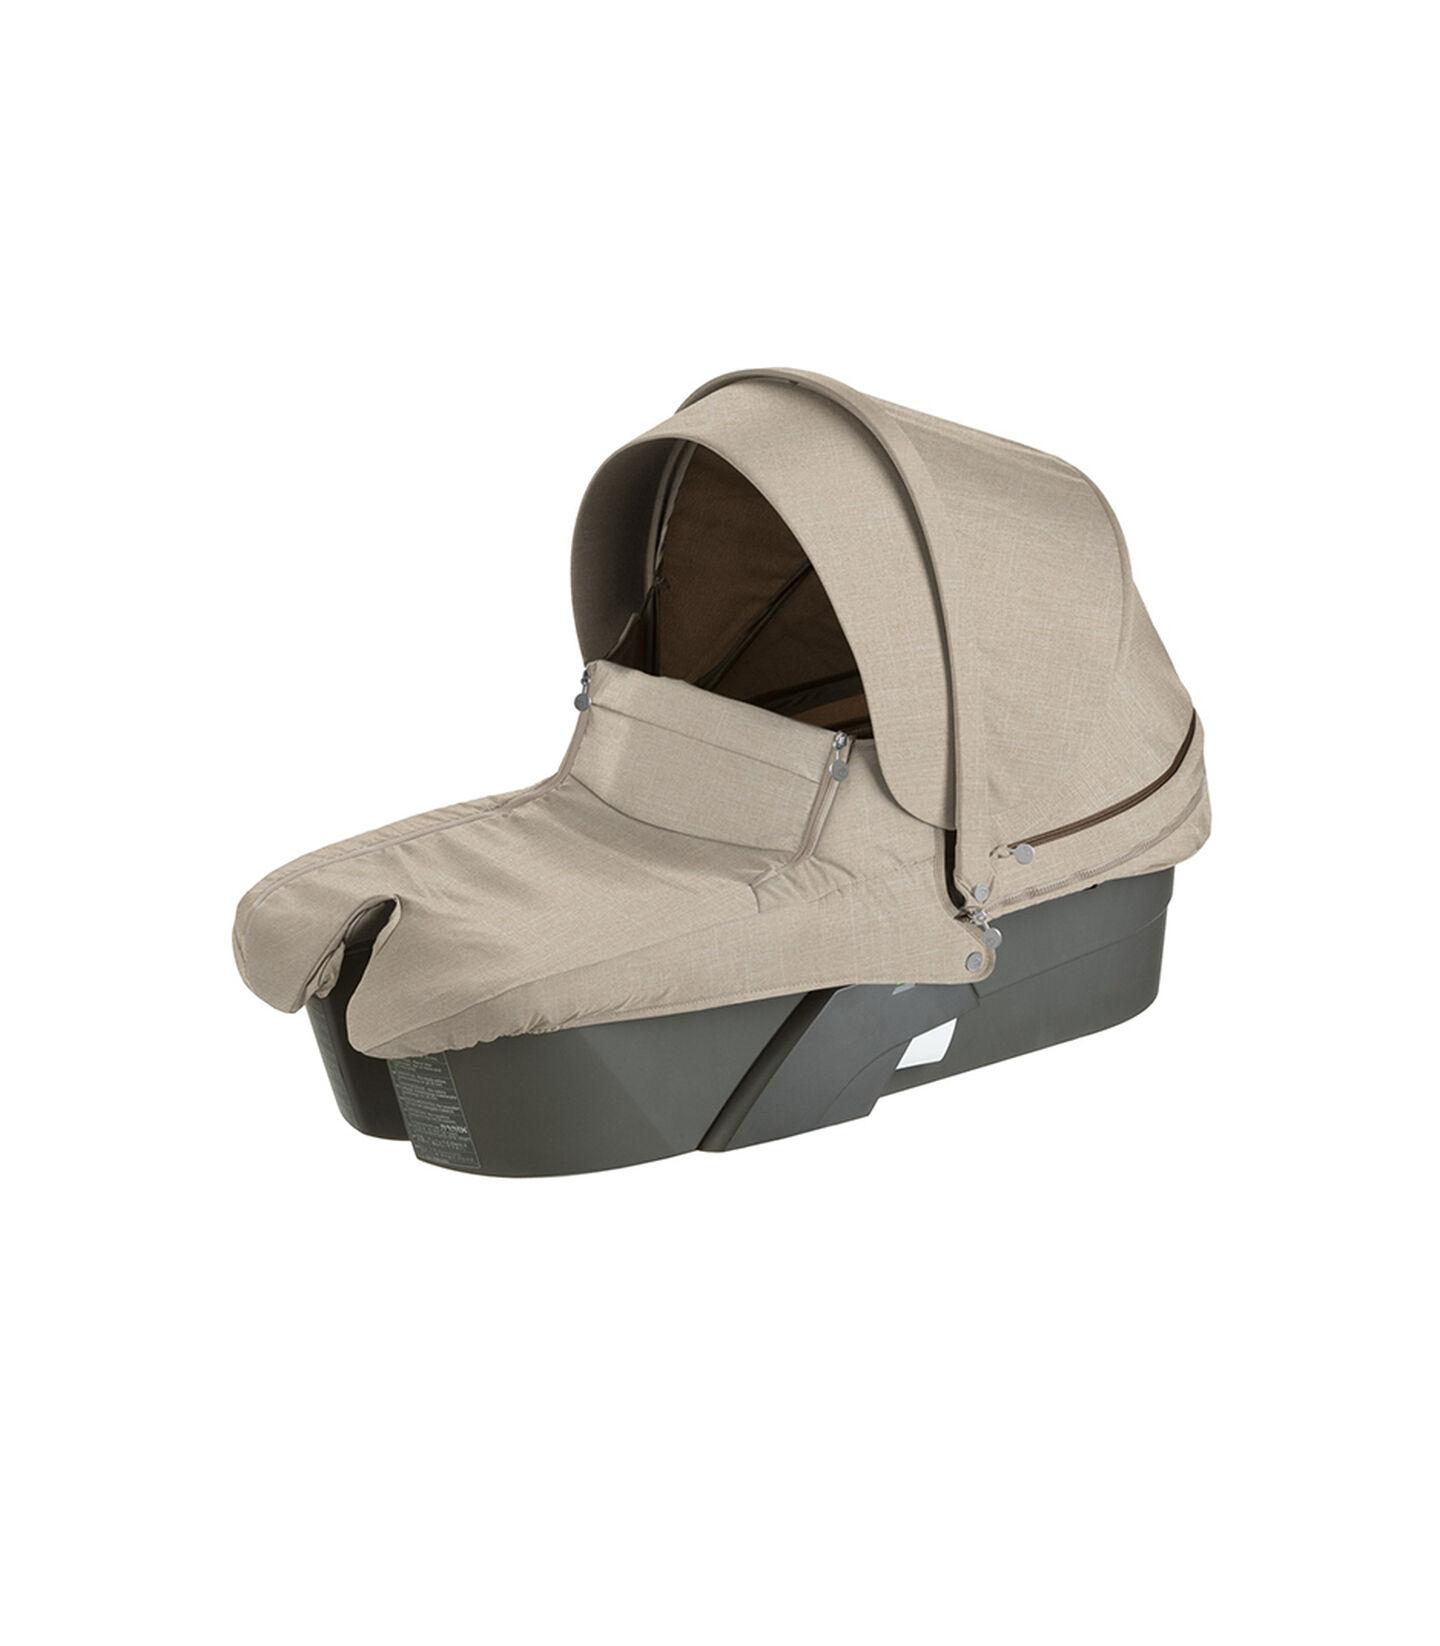 Stokke® Xplory® Carry Cot, Beige Melange.